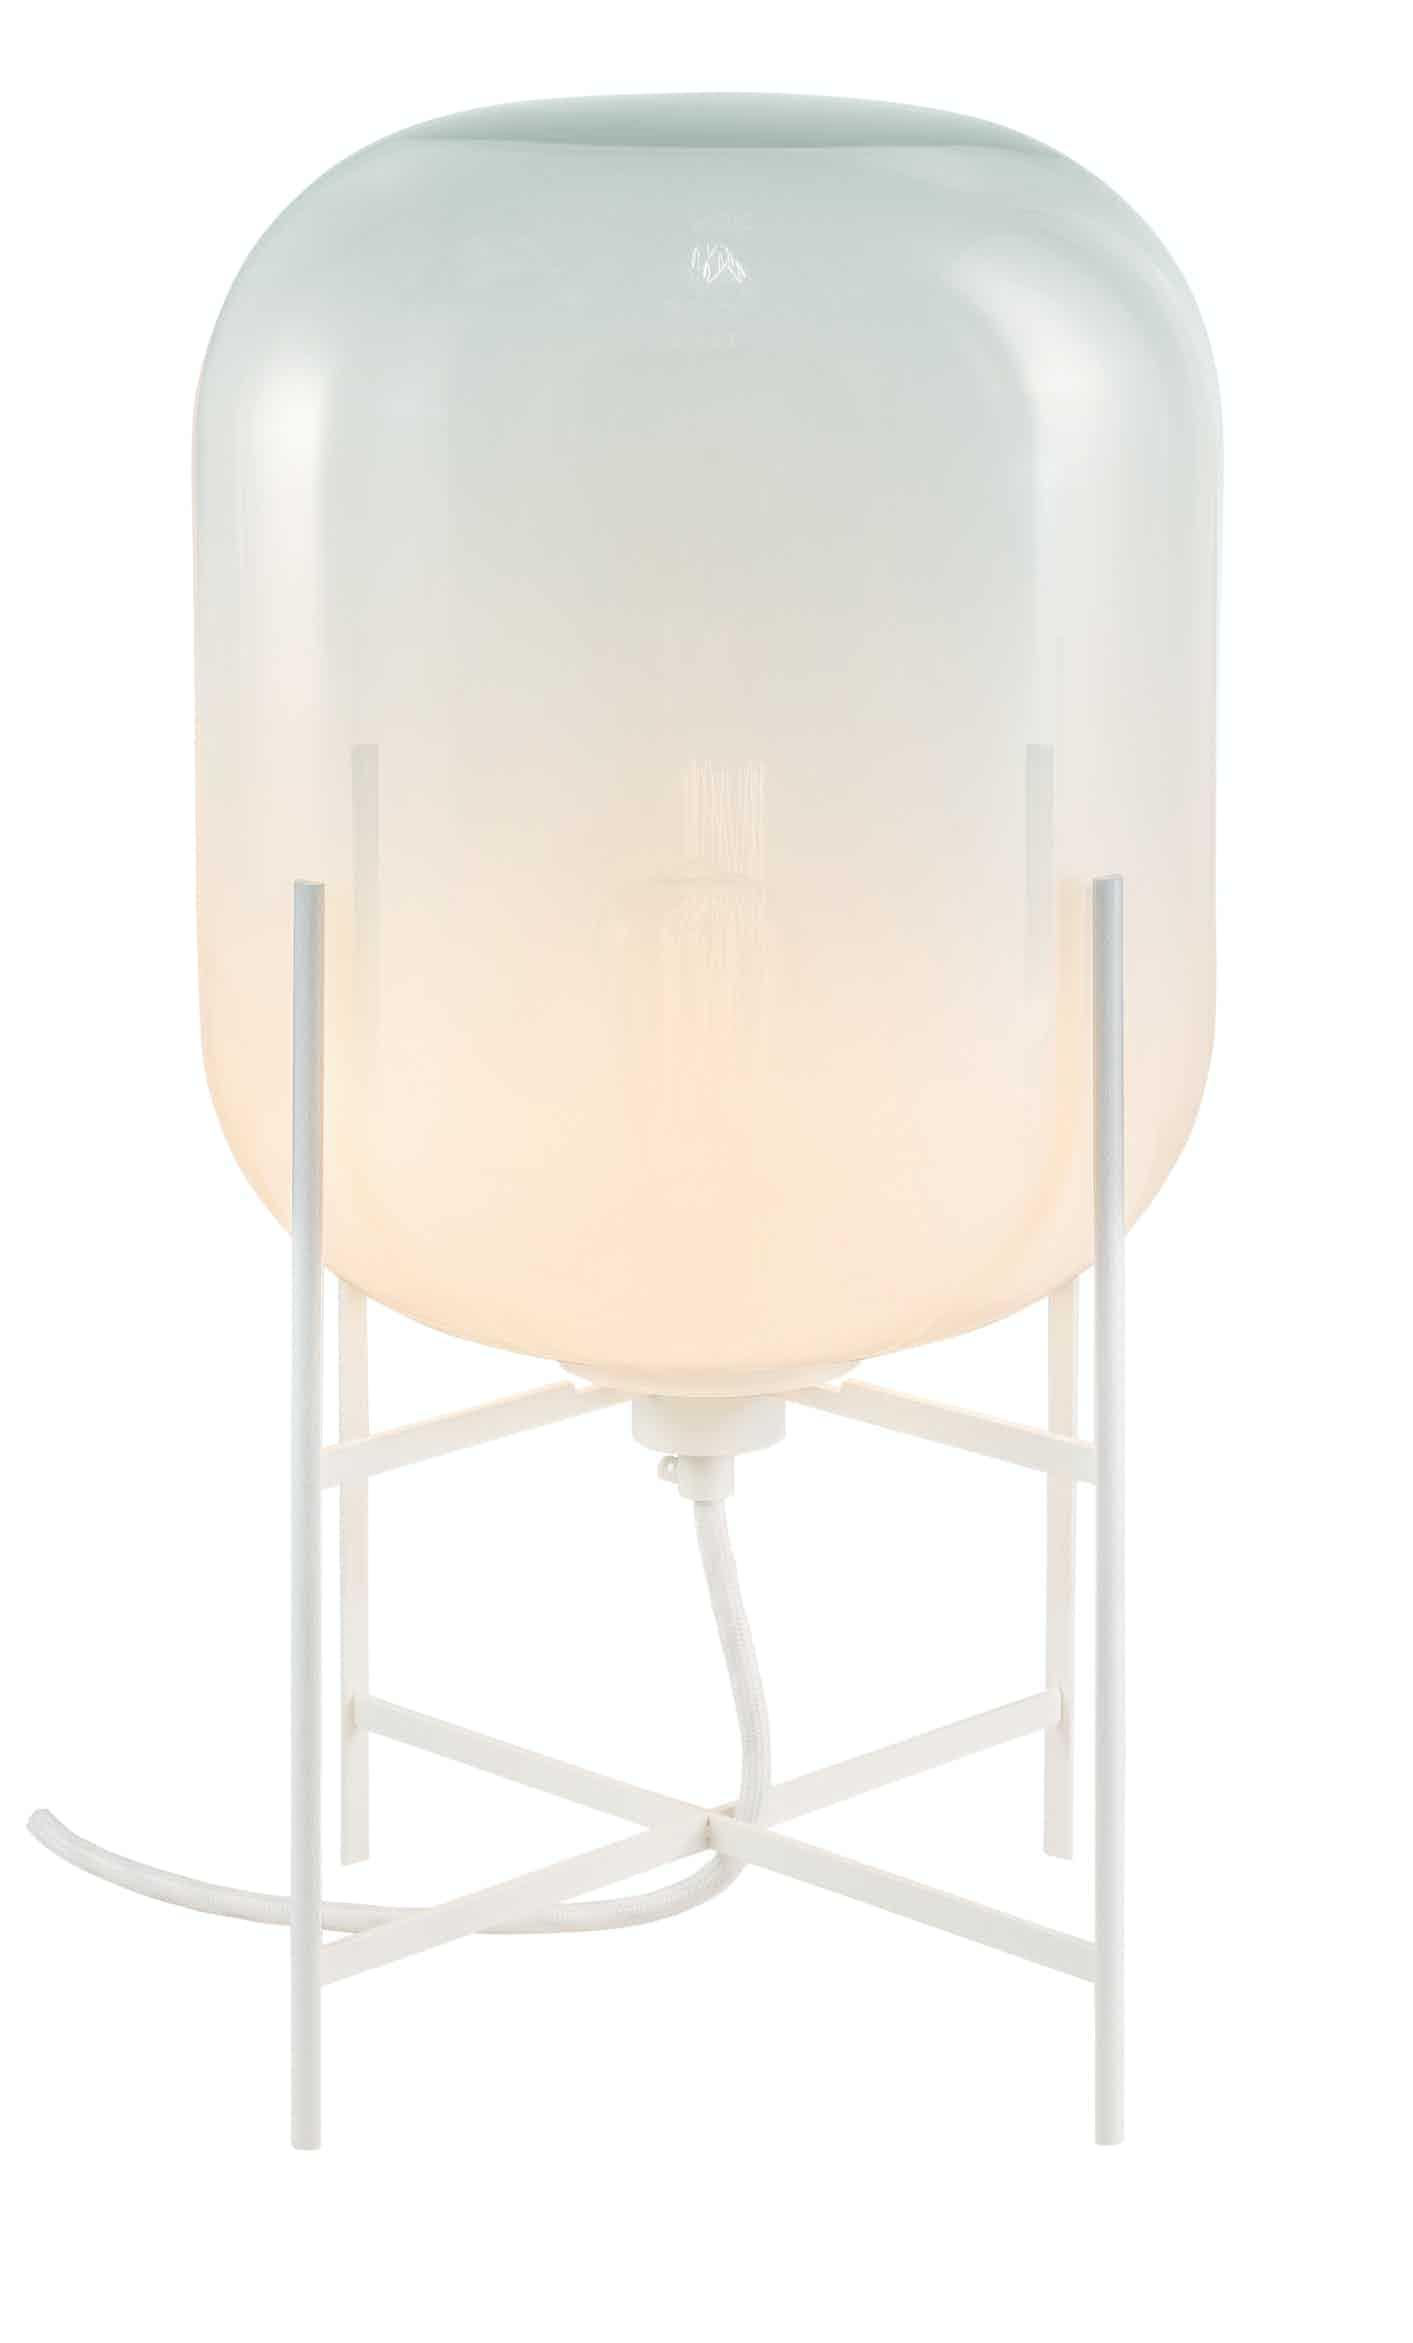 Pulpo furniture oda small white opaque haute living